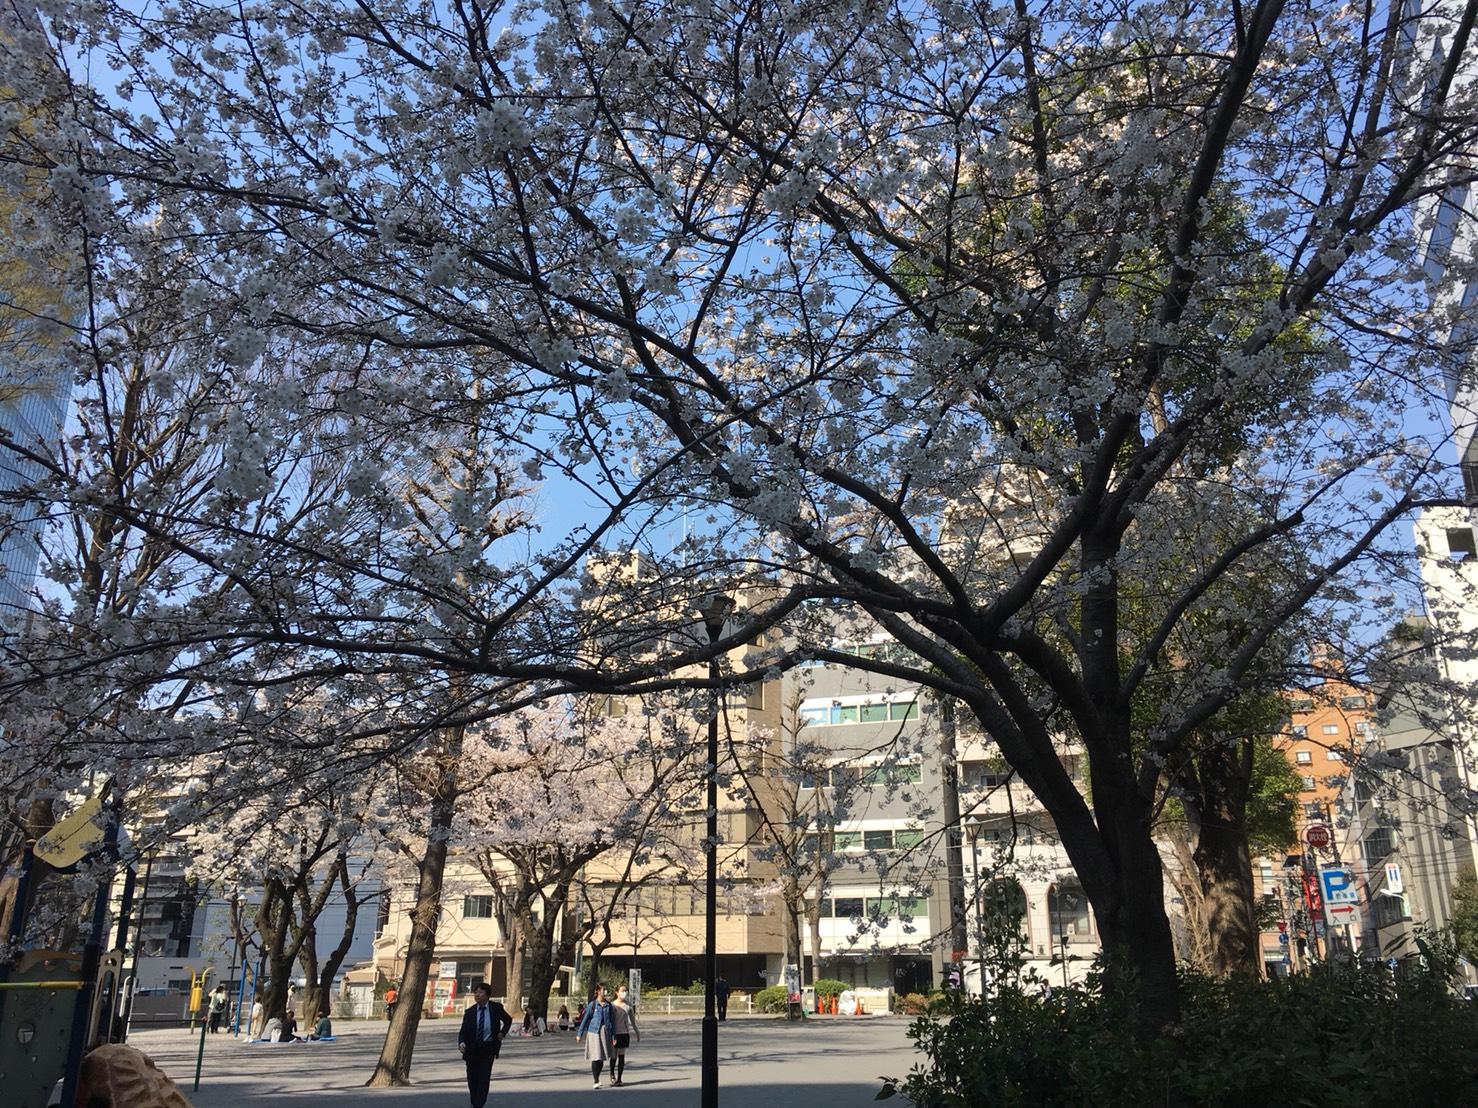 【池袋駅】春爛漫!公園まわって桜を見に行こう!池袋東口の満開公園お花見散歩コース。の東池袋公園3